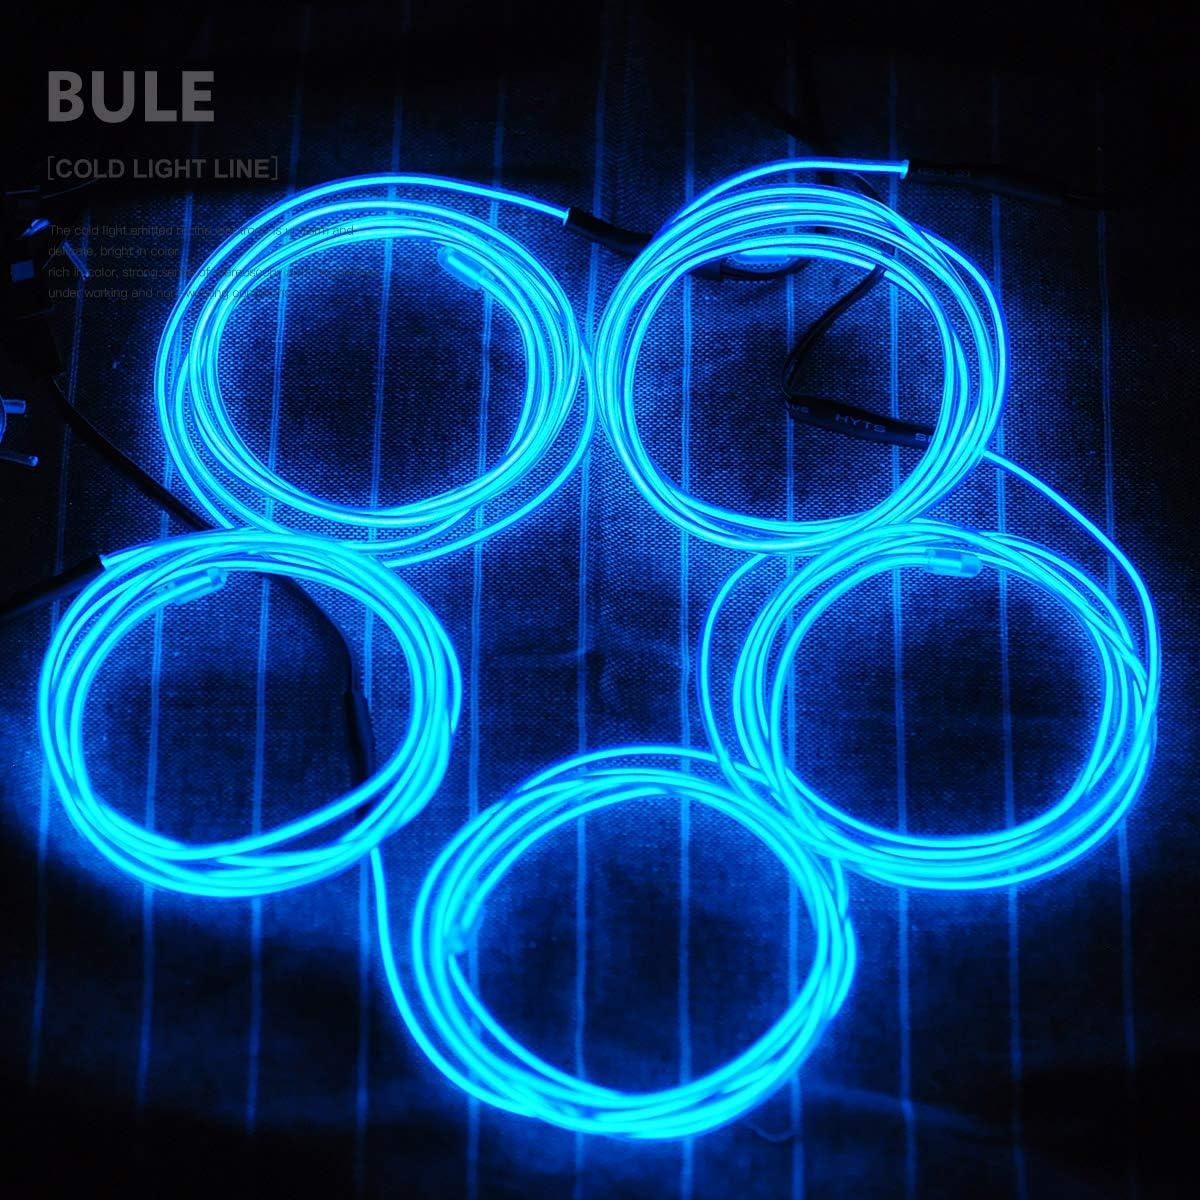 Aogbithy Flexibel Wasserdicht EL Wire EL Kabel Neon Beleuchtung leuchtschnur mit 3 Modis f/ür Partybeleuchtung,Weihnachtsfeiern und Halloween Kost/üm Rave Dekoration Gr/ün, 5 * 1M